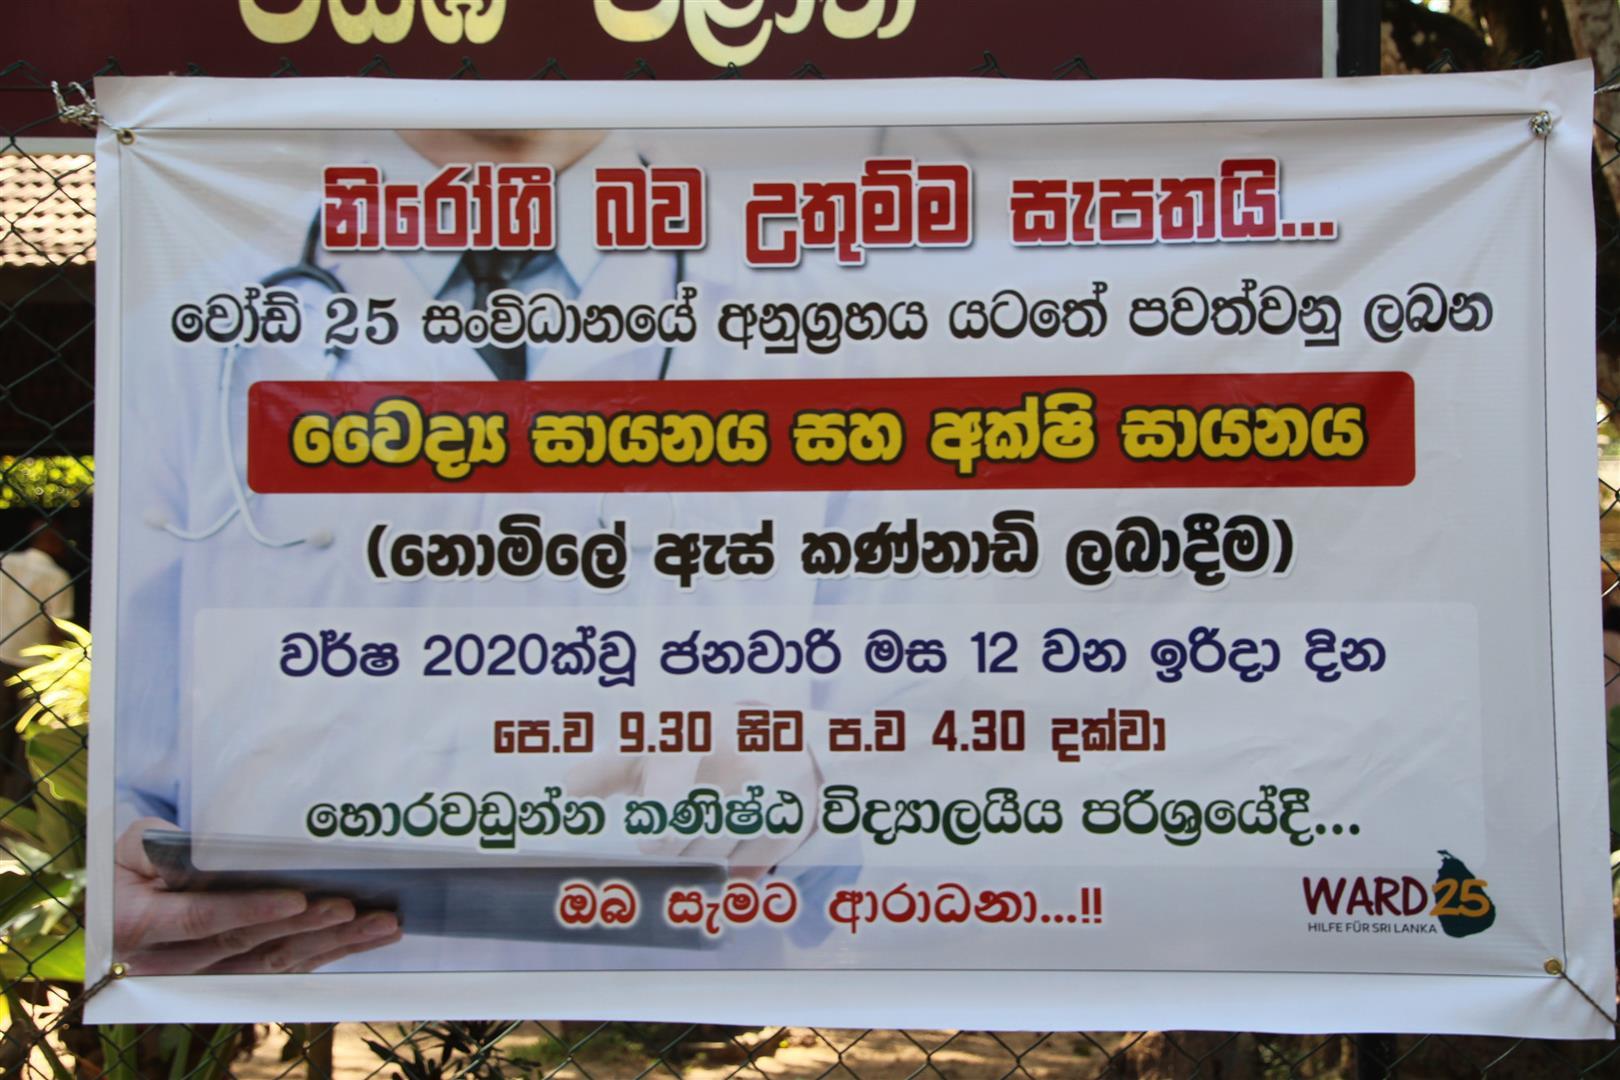 Ward 25 organisierte Medical Camp - 500 kamen zur mobilen Sprechstunde ...